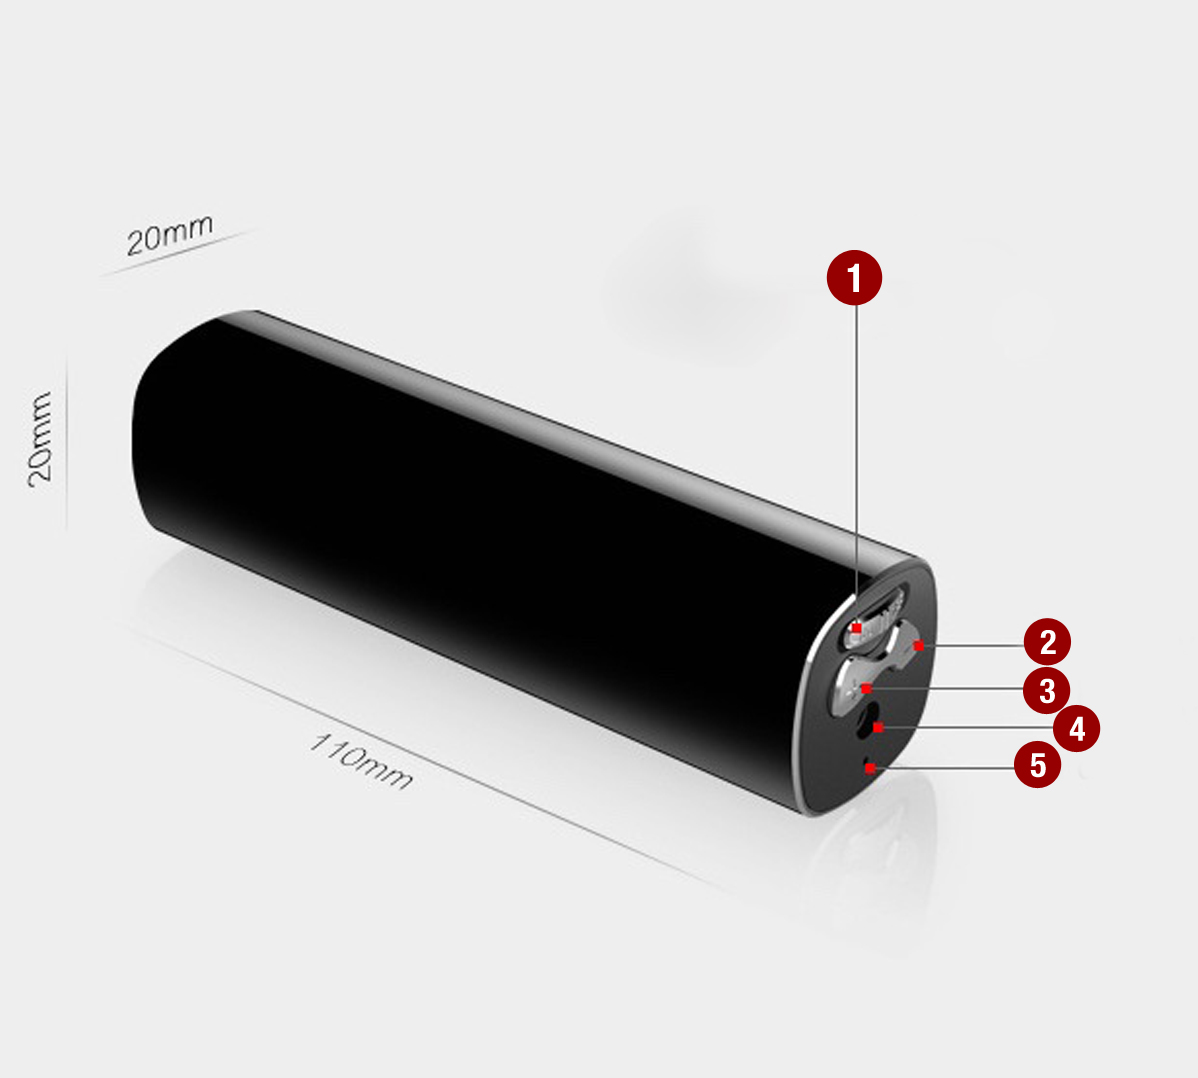 DYKTAFON CYFROWY 16GB VOX DETEKCJA RED.SZUMU 21DNI Aktywacja nagrywania głosem tak